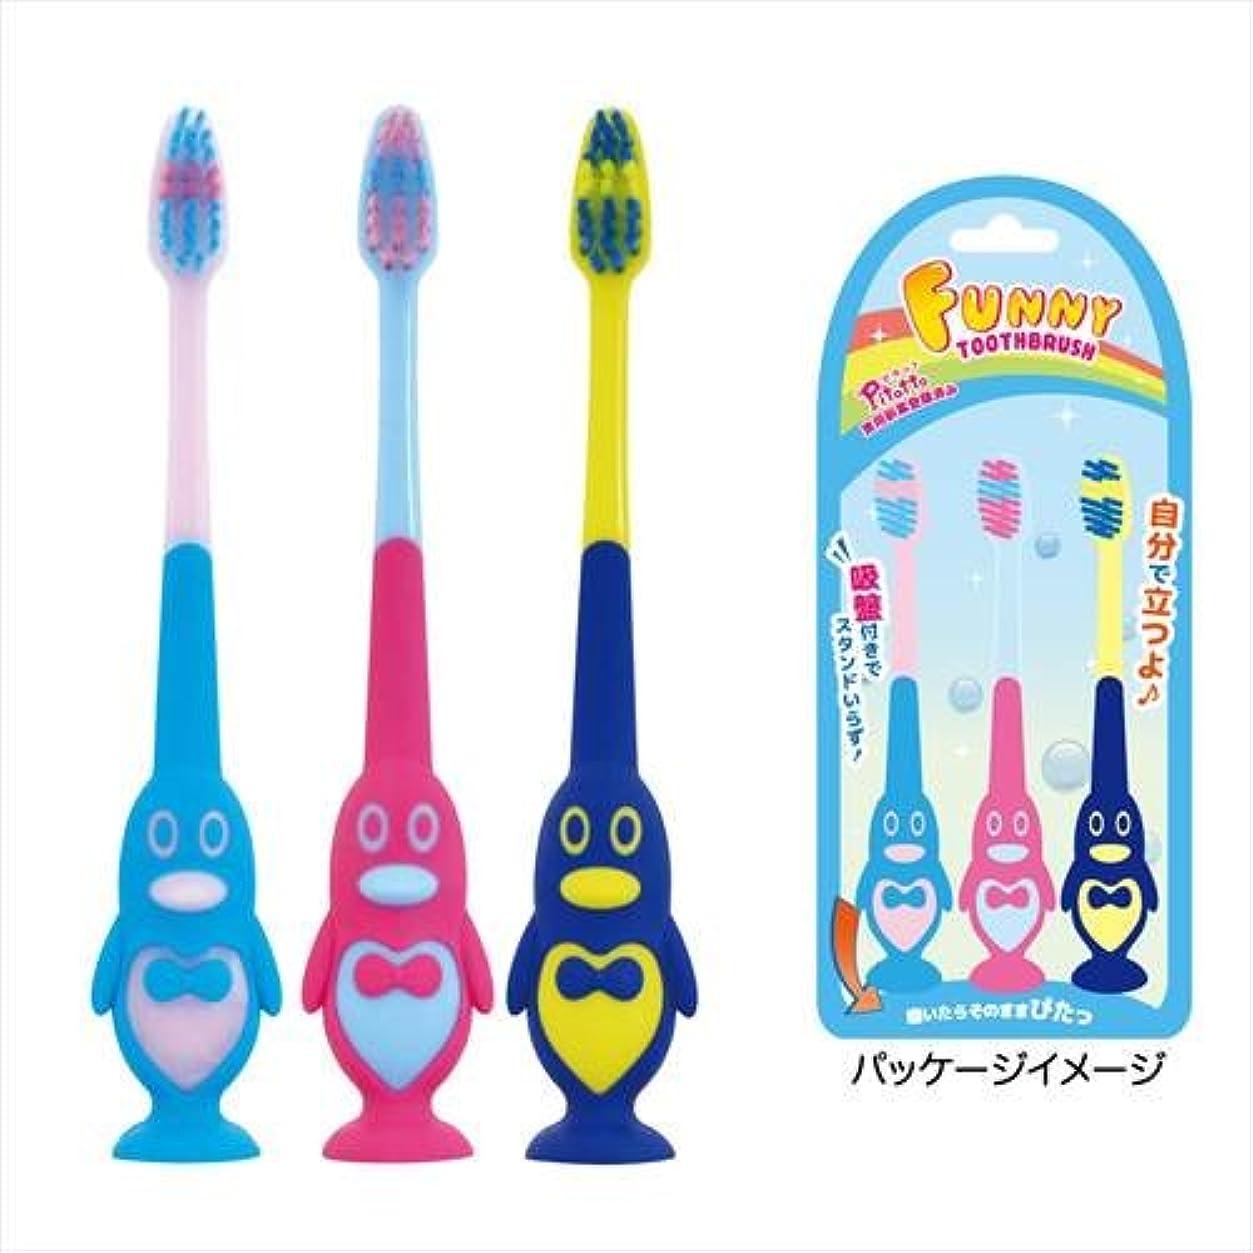 憧れデコレーション魔術師[歯ブラシ] 吸盤付き歯ブラシ 3本セット/ペンギン ユーカンパニー かわいい 洗面用具 グッズ 通販